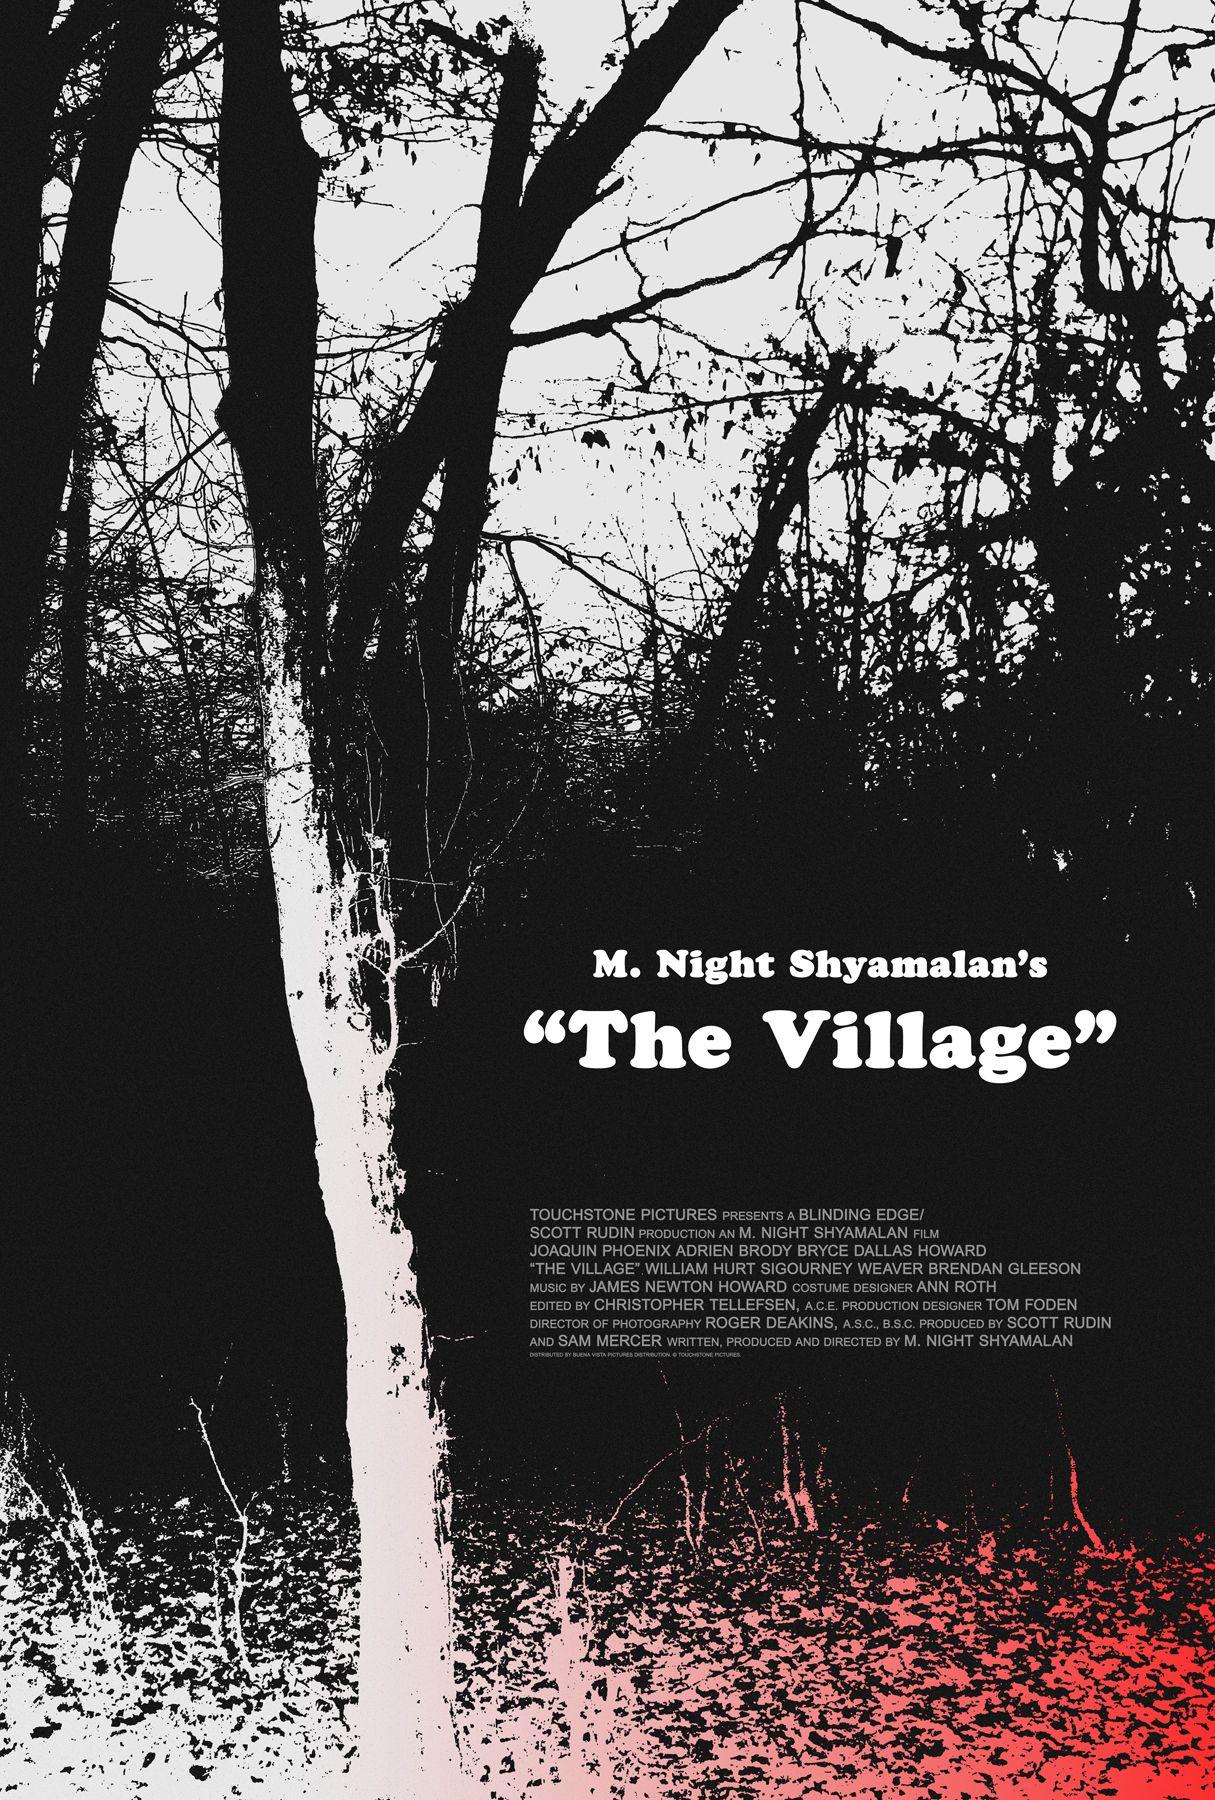 Poster for The Village by Scott Saslow. #thevillage #mnightshyamalan #brycedallashoward #joaquinphoenix #adrienbrody #williamhurt #sigourneyweaver #movieposter #graphicdesign #posterdesign #fanart #alternativefilmposter #alternativemovieposter